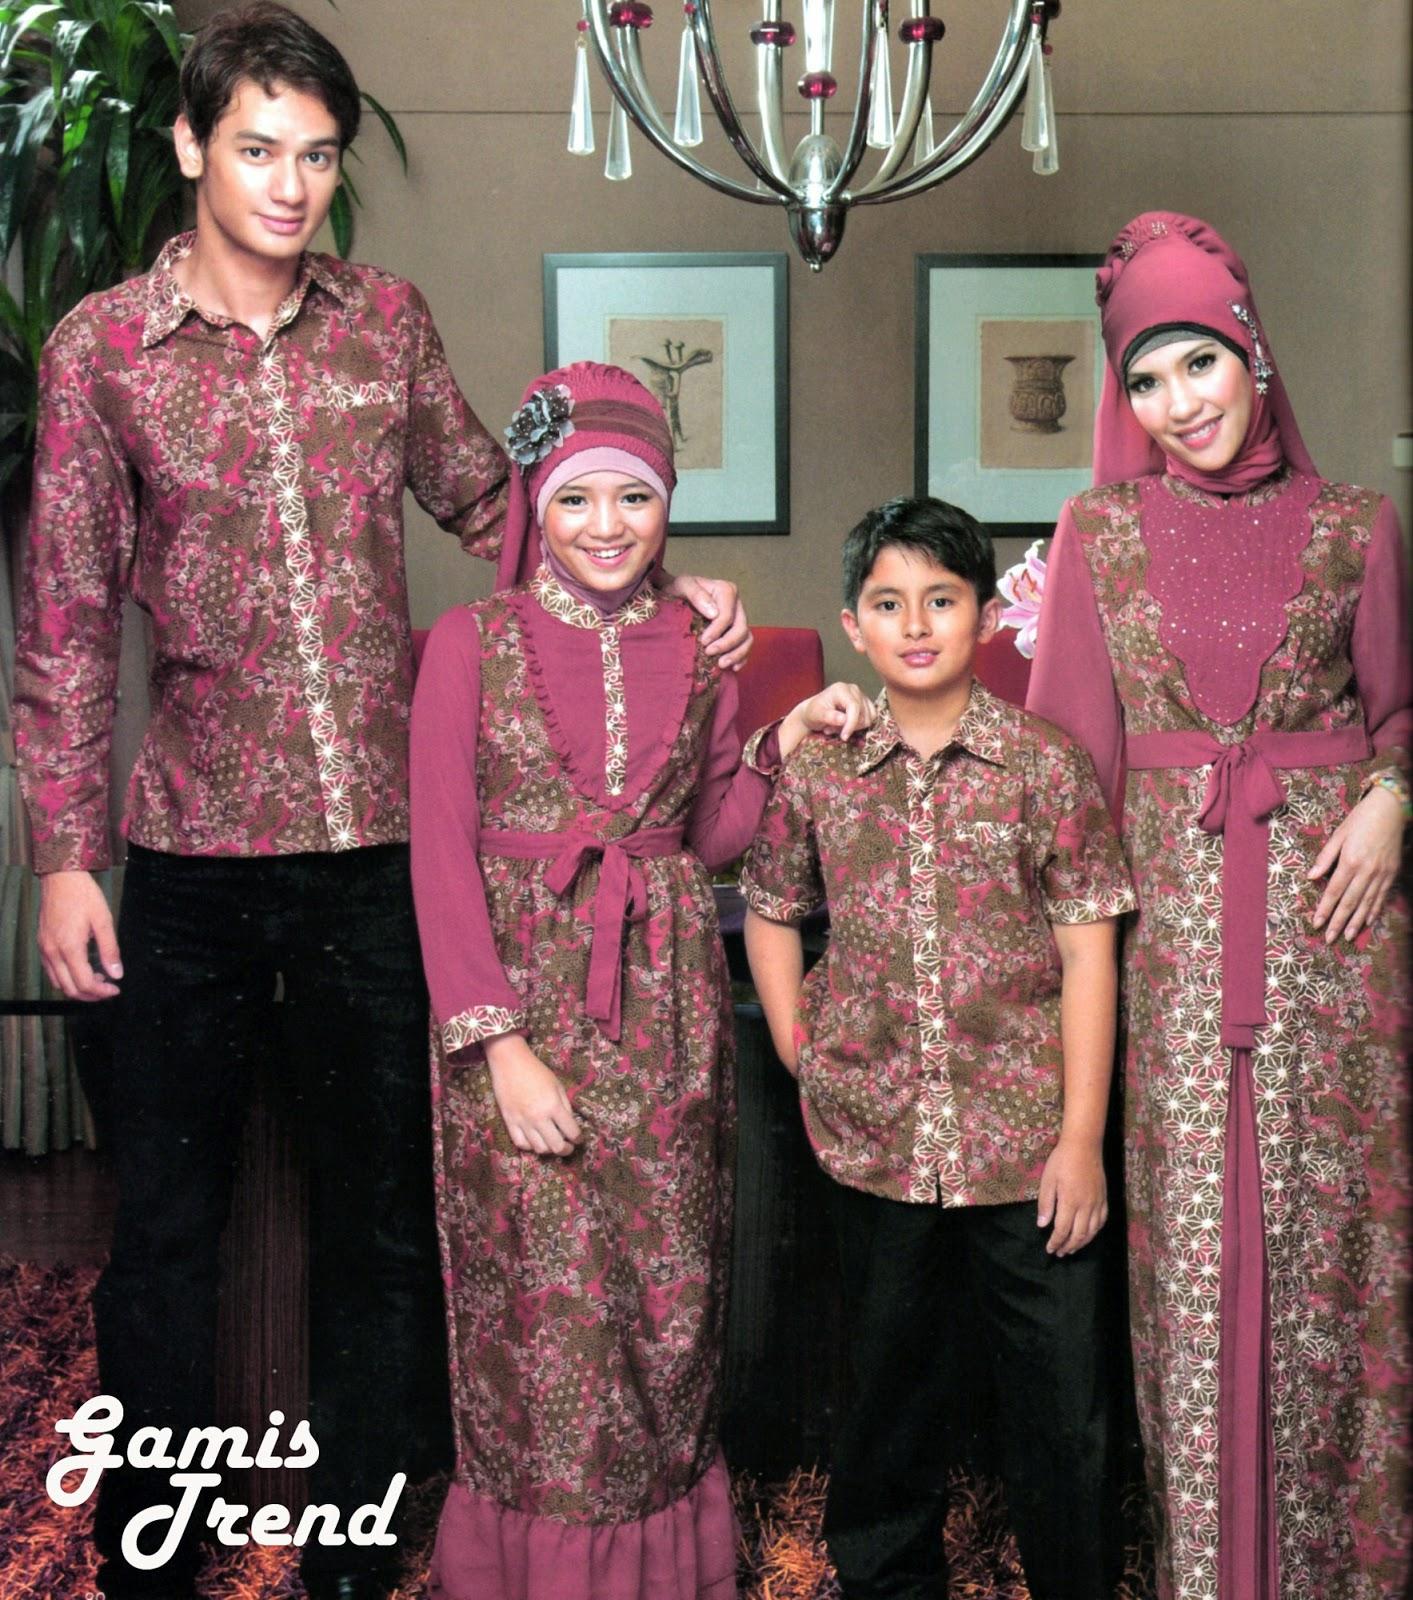 Model Baju Batik Terbaru Kerja Kombinasi Keluarga Muslim: 10 Contoh Model Baju Batik Muslim Anak Terbaik